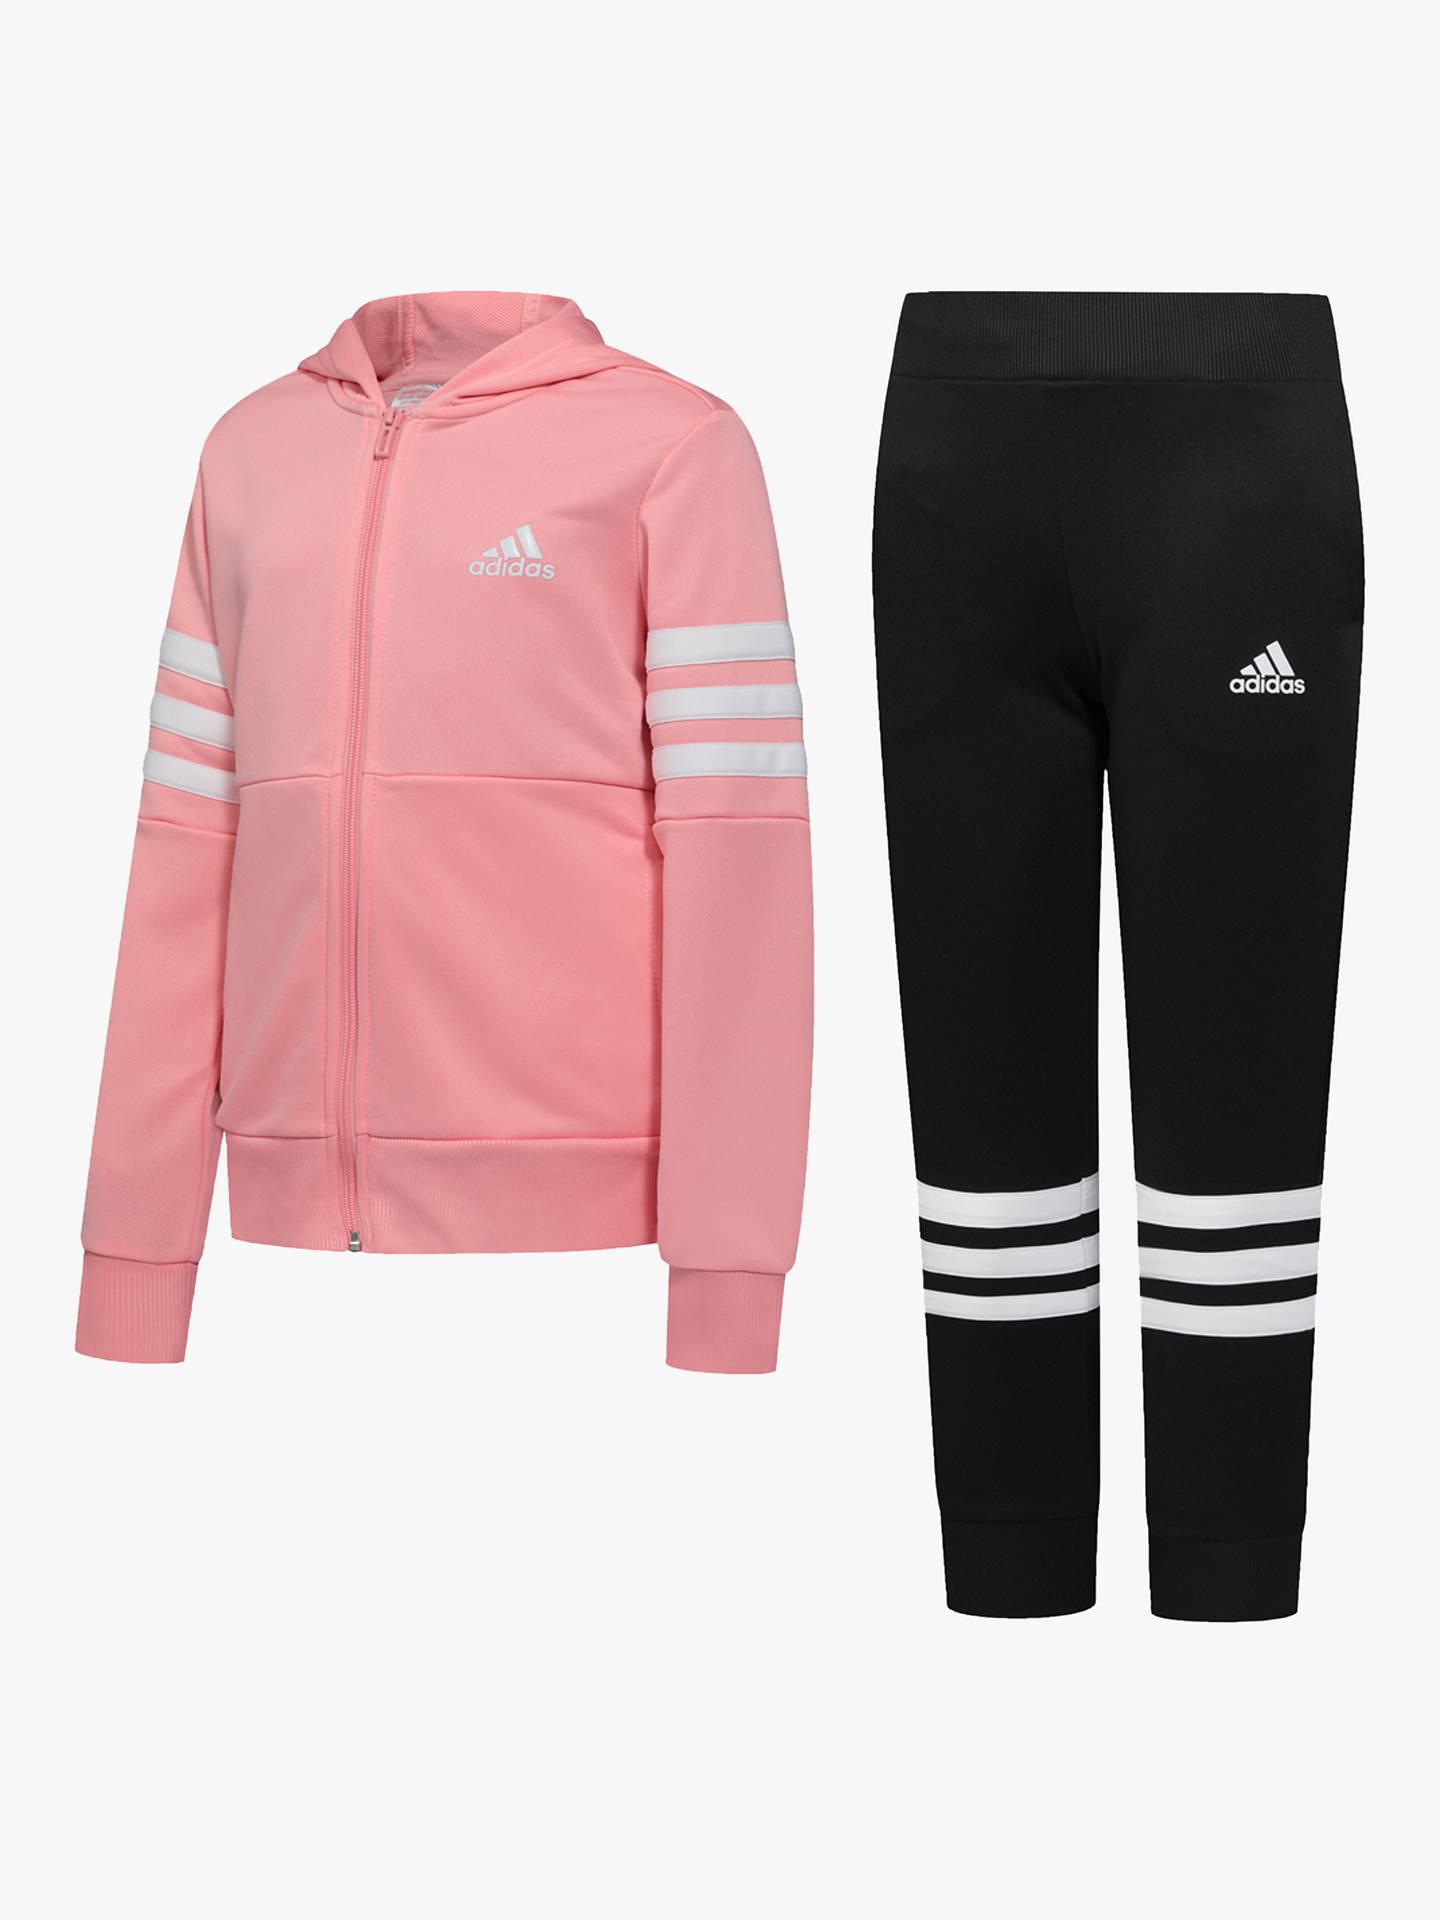 adidas Girls Tracksuit Set Age 14 15